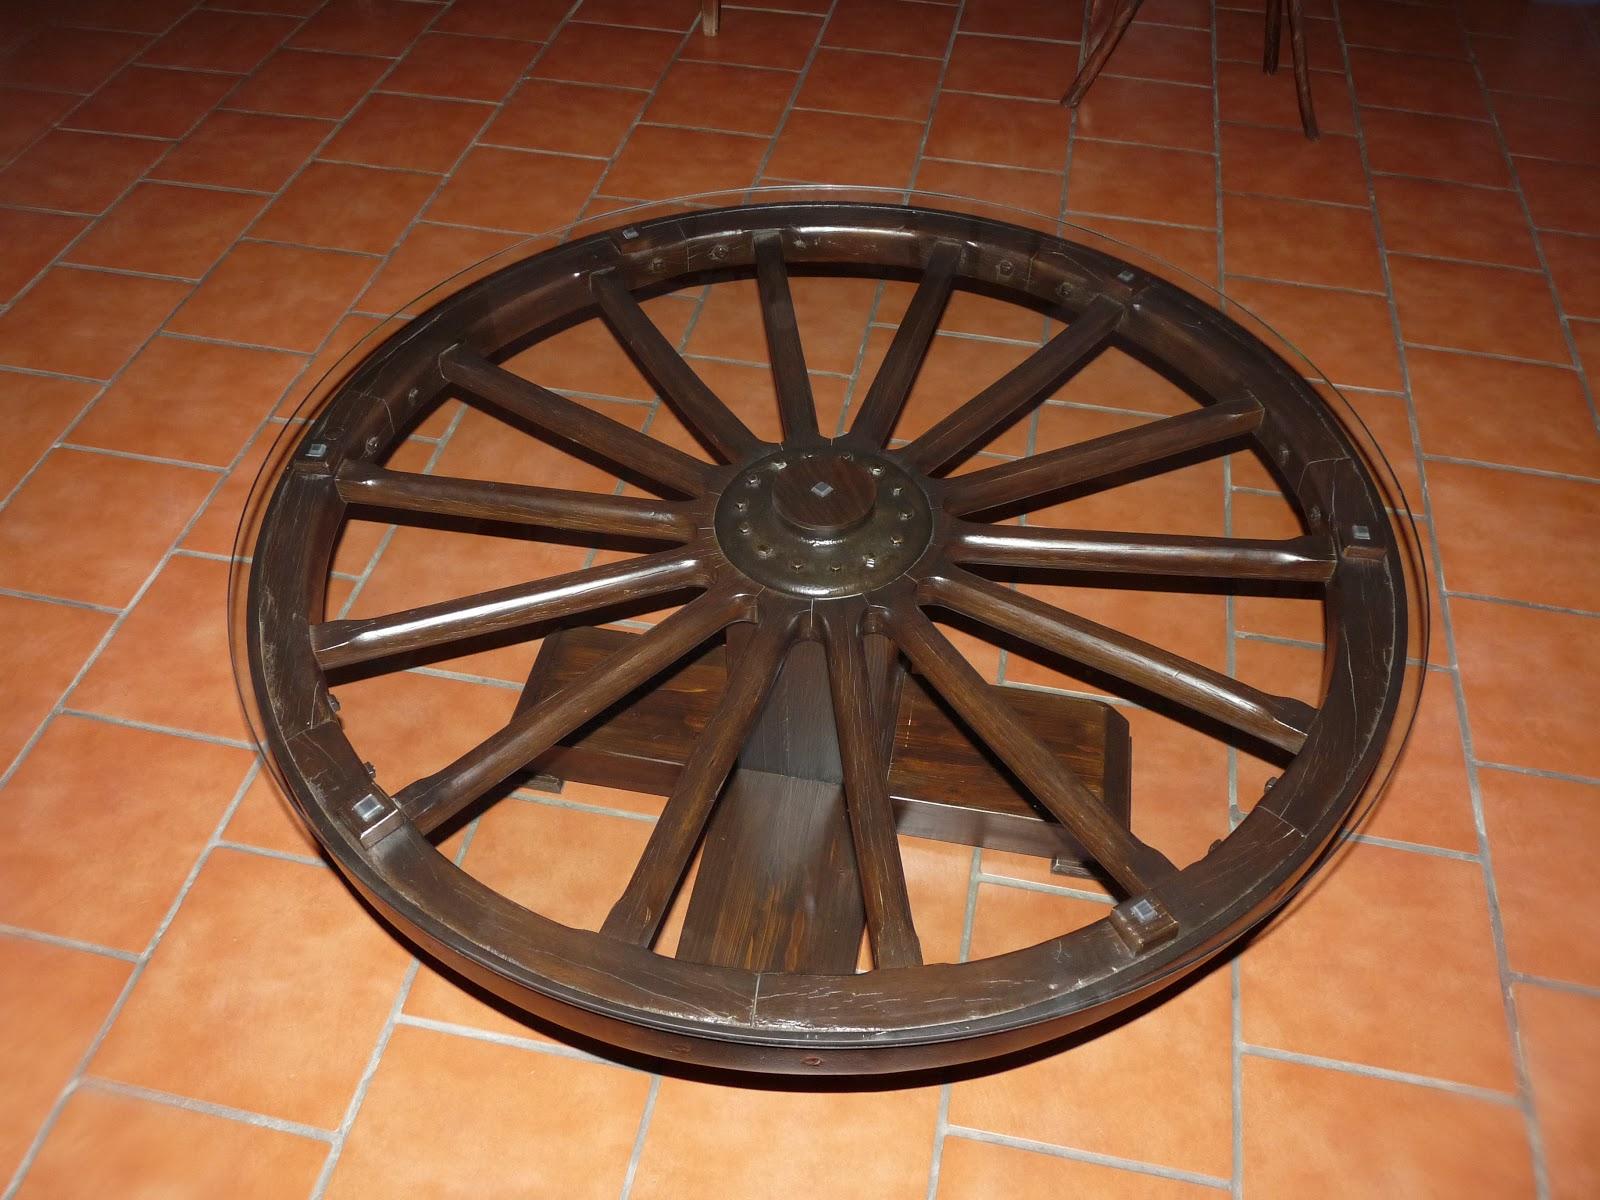 Madera y tiempo mesa rueda de carro - Ruedas para mesa ...